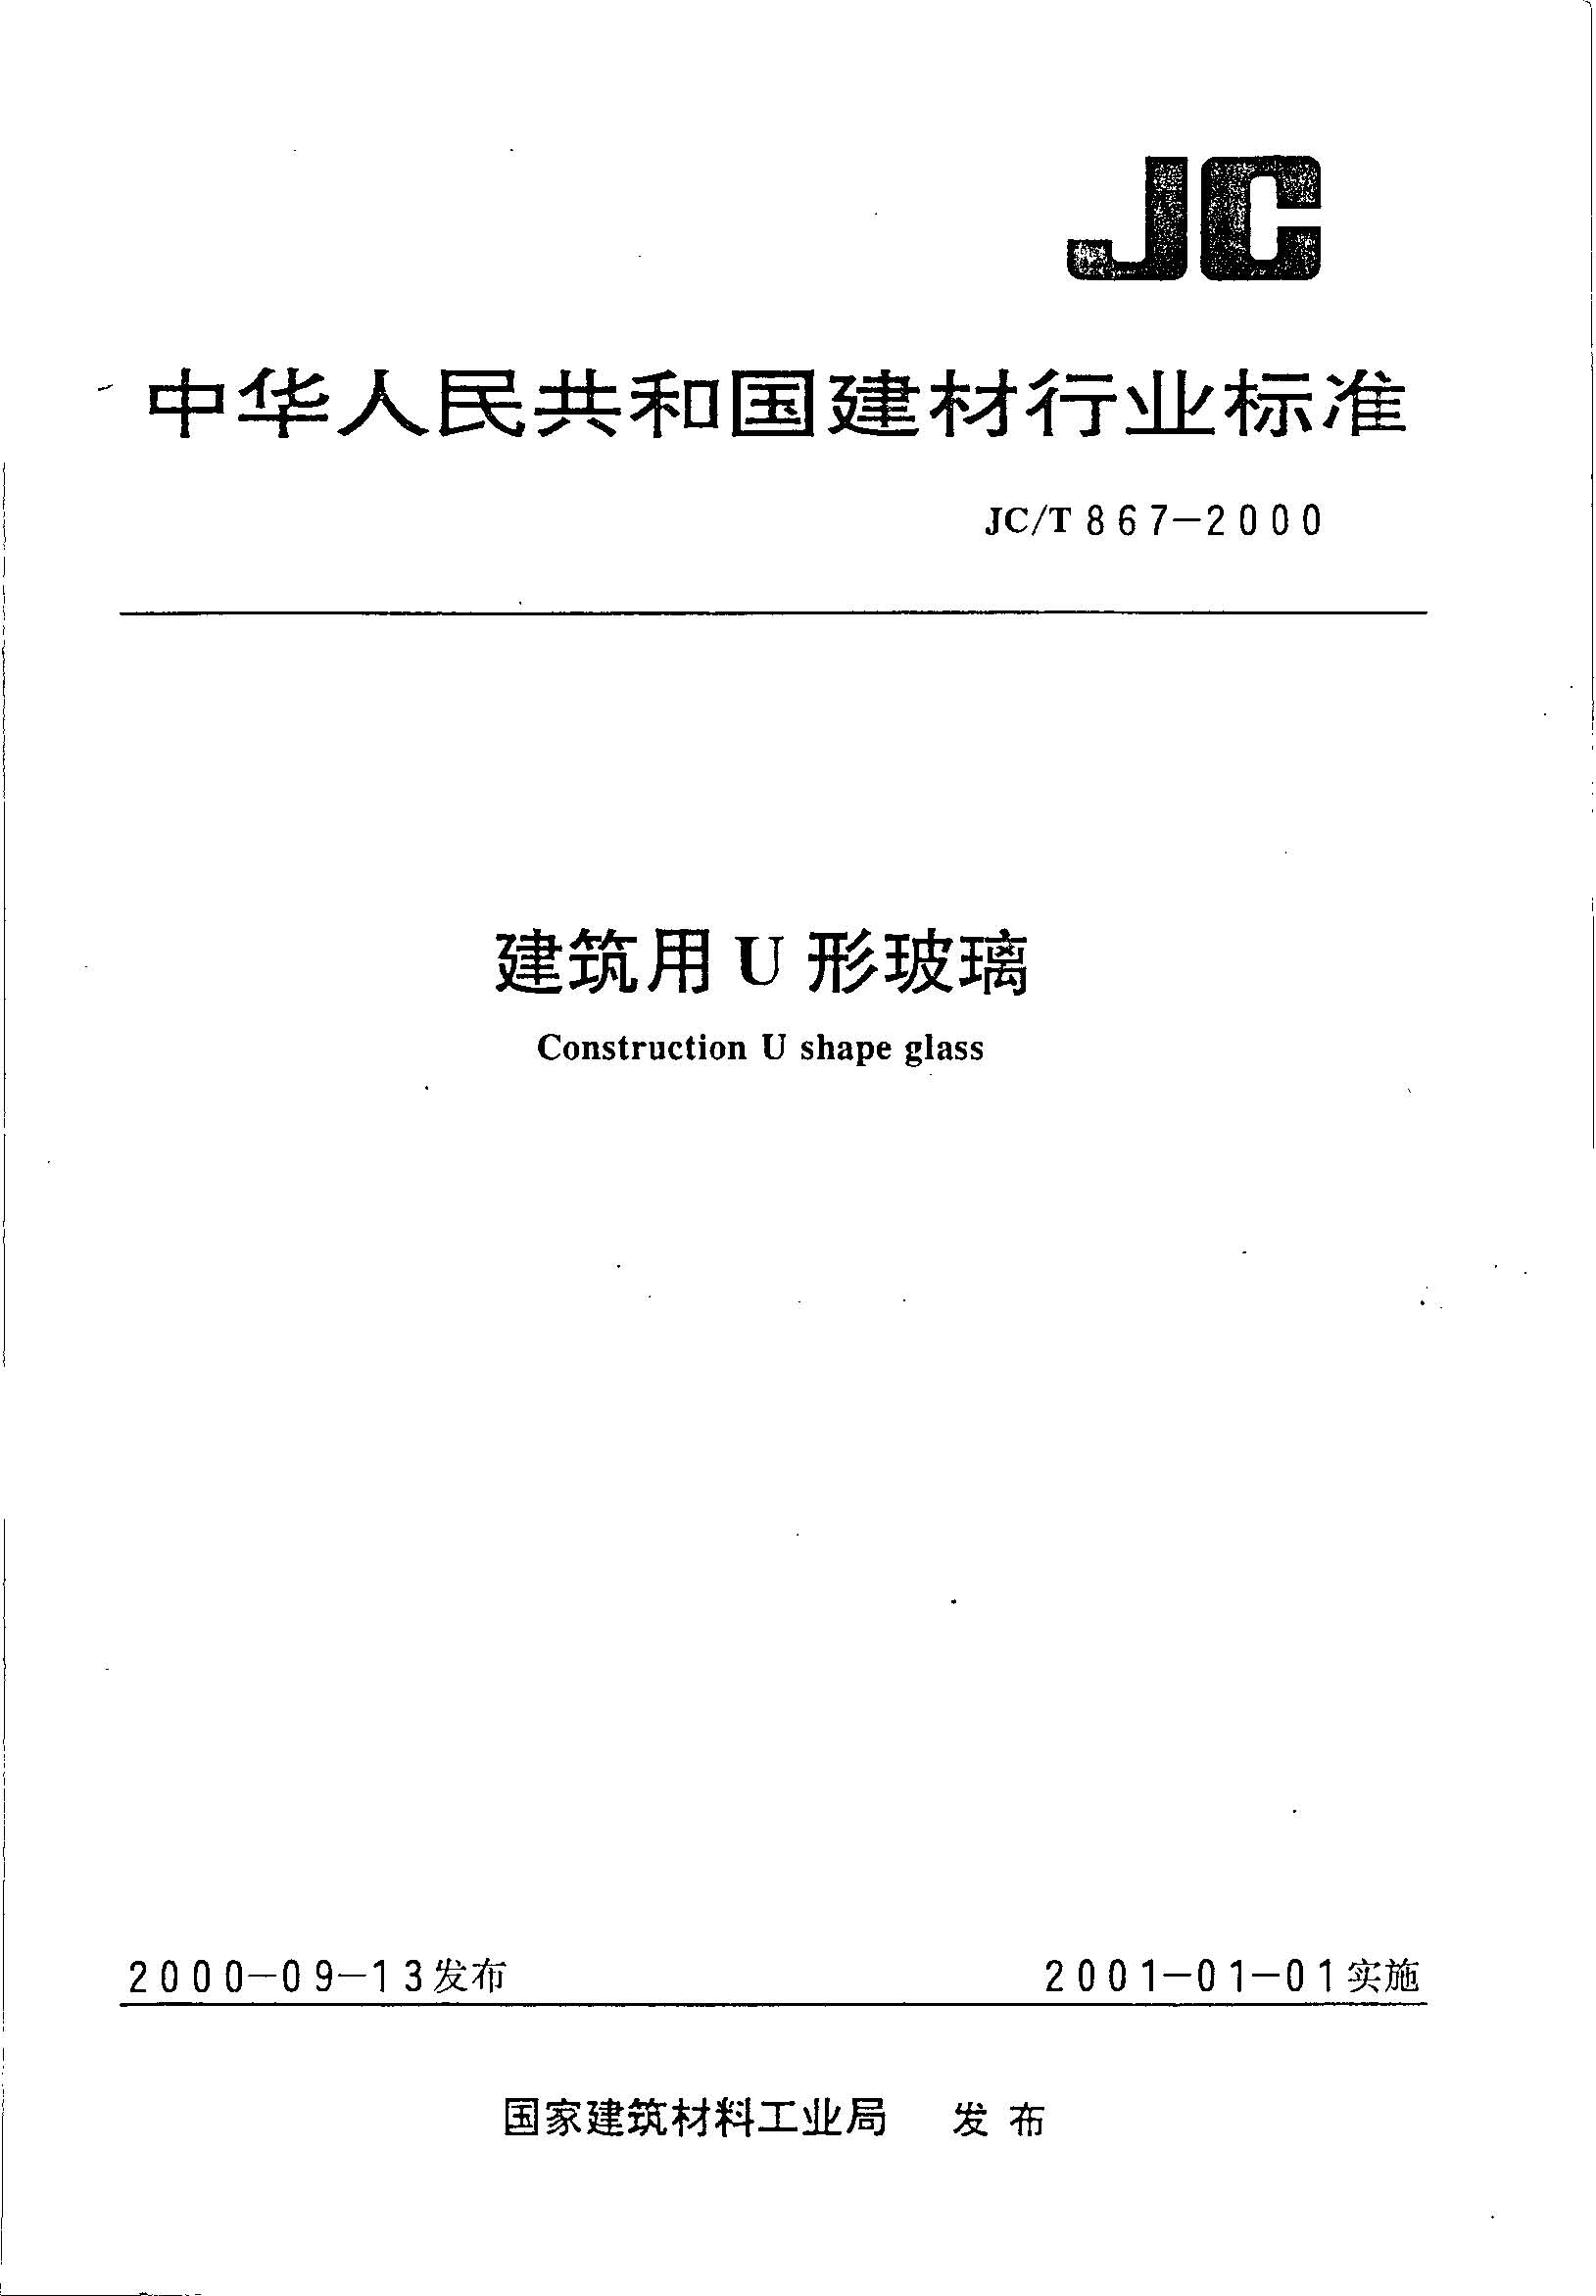 建筑用U形玻璃JCT867-2000.pdf